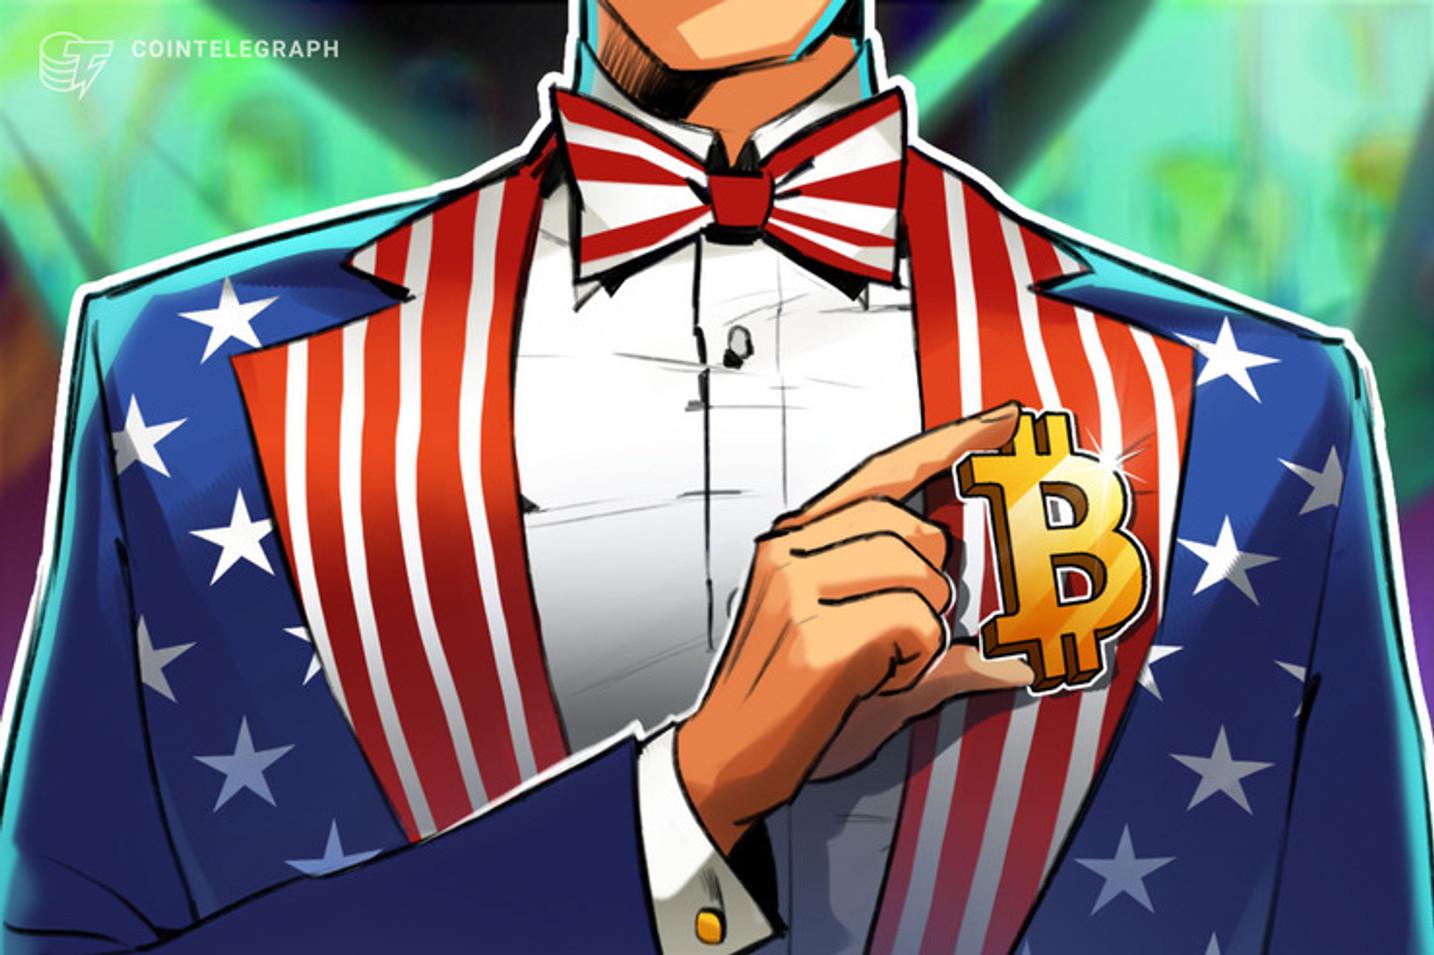 La población equivalente a toda Argentina en los Estados Unidos posee o planea comprar Bitcoin